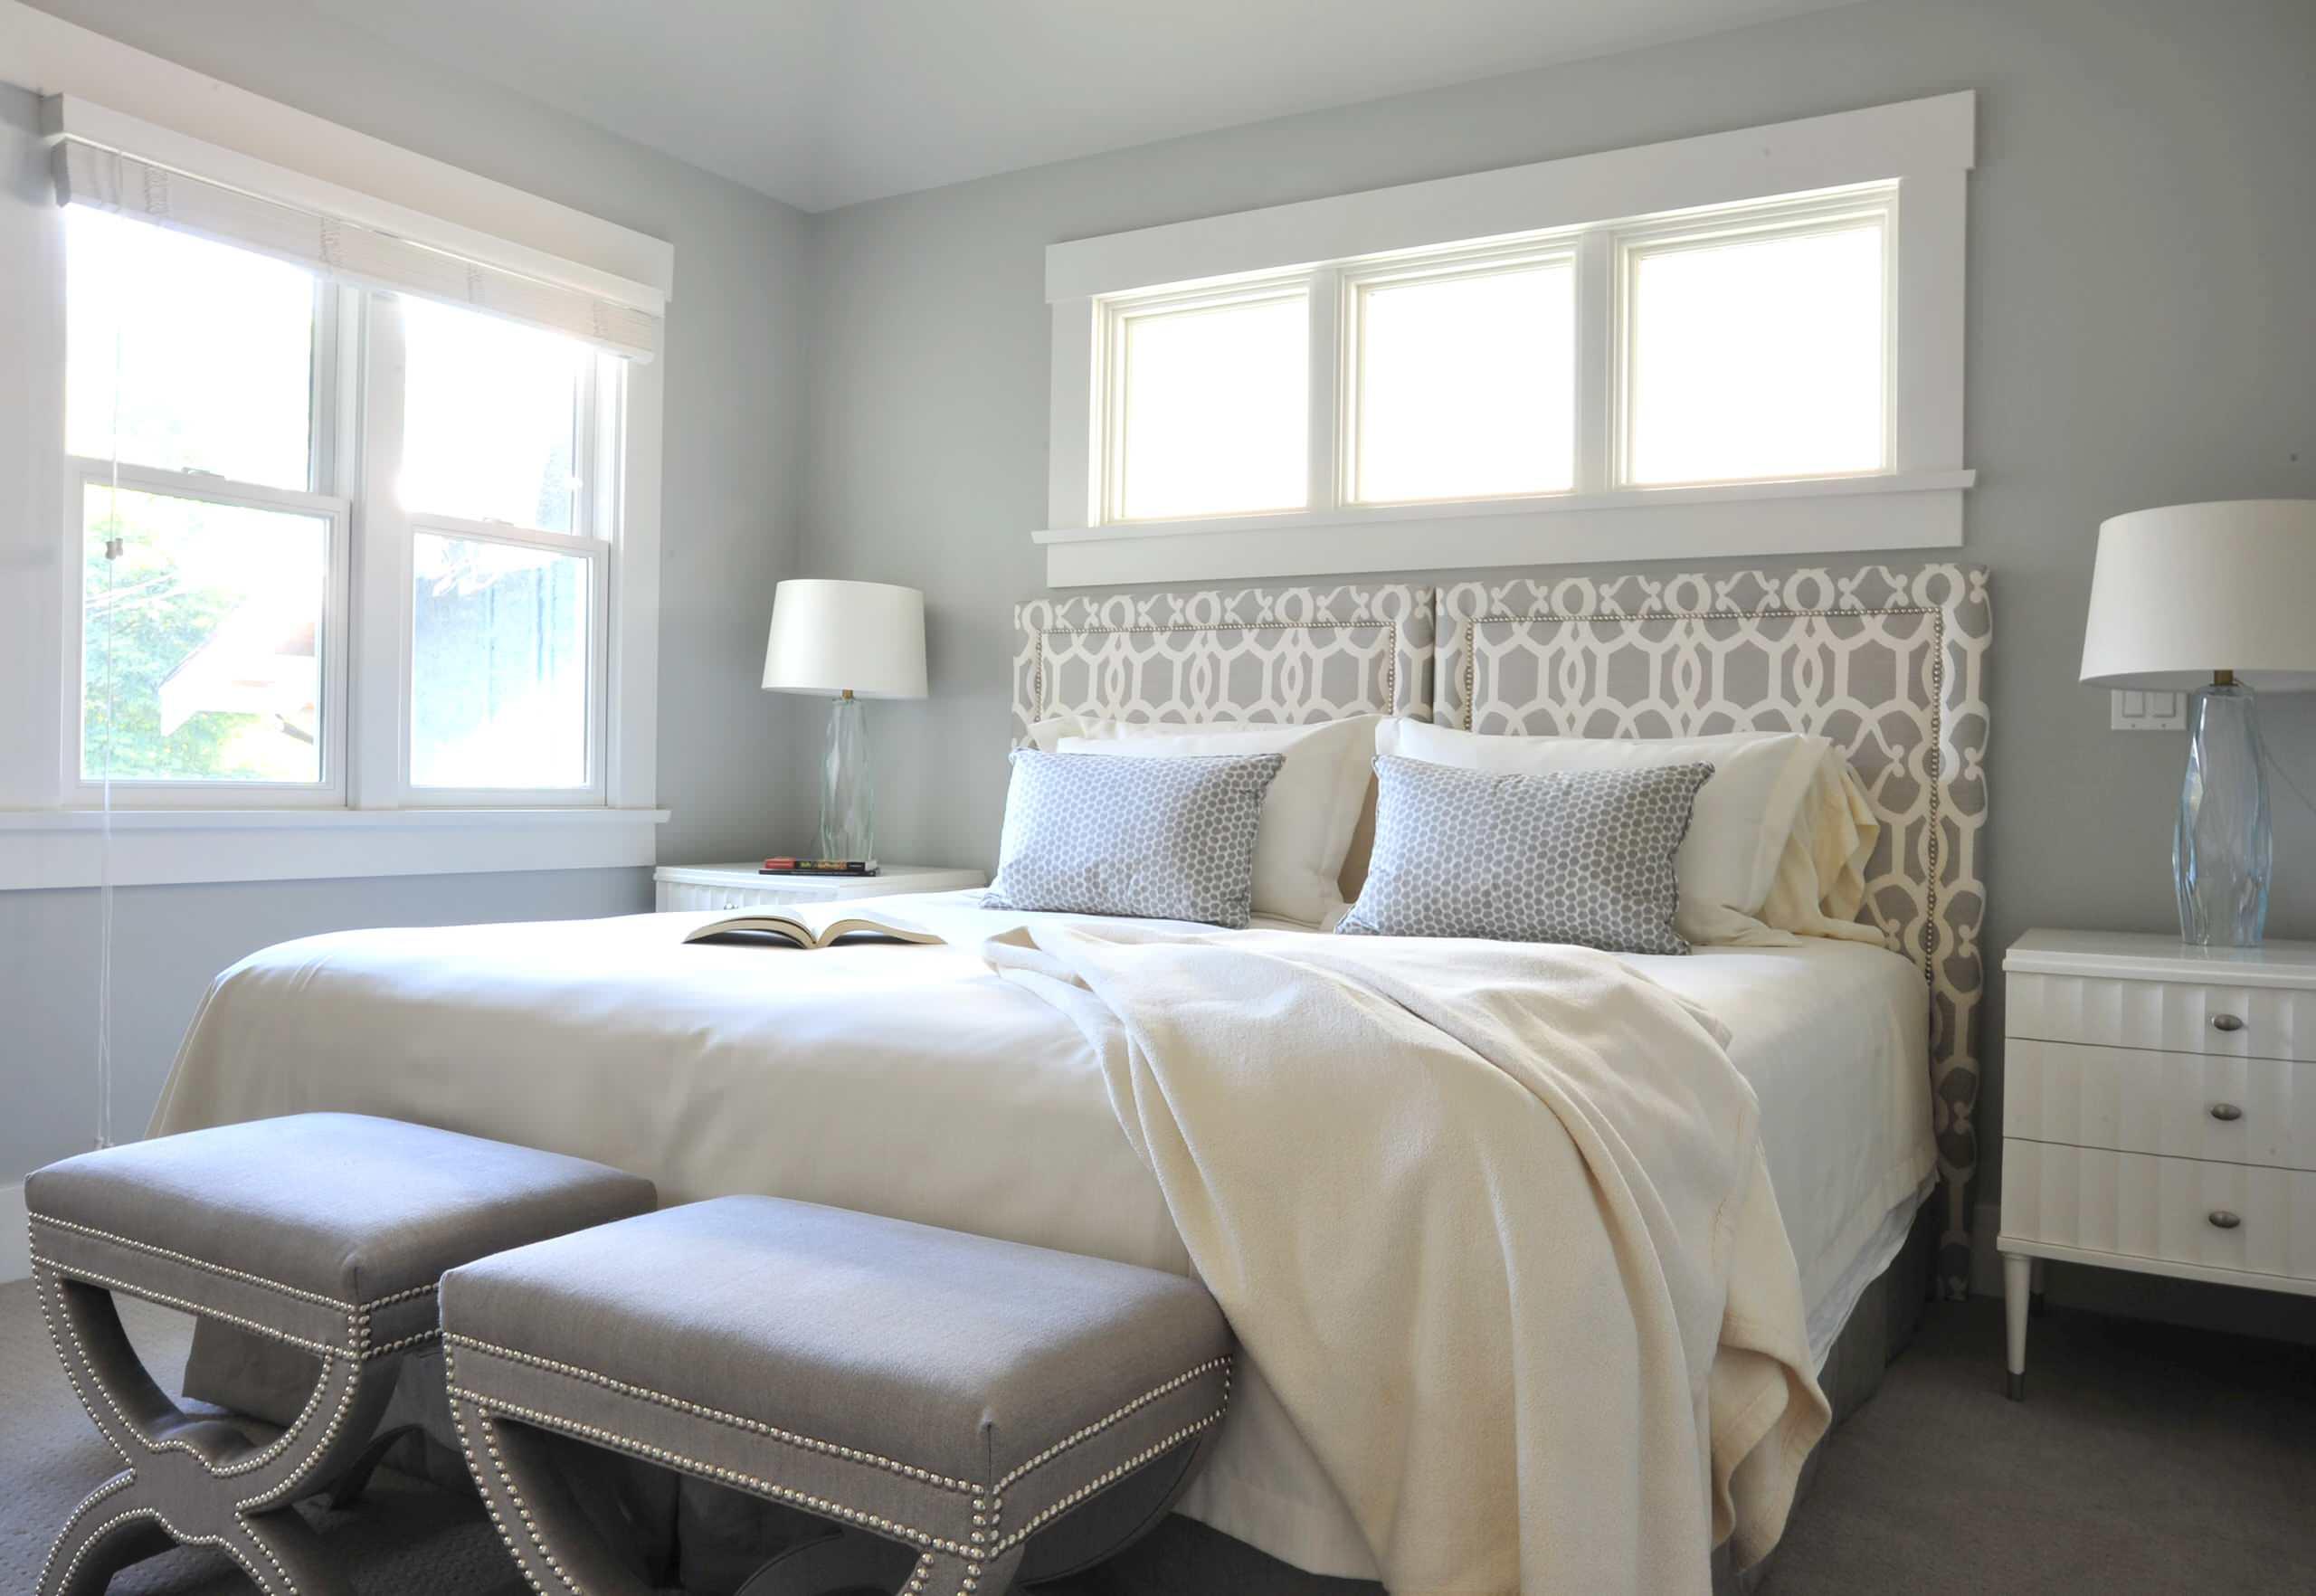 Узоры на изголовье кровати в спальне